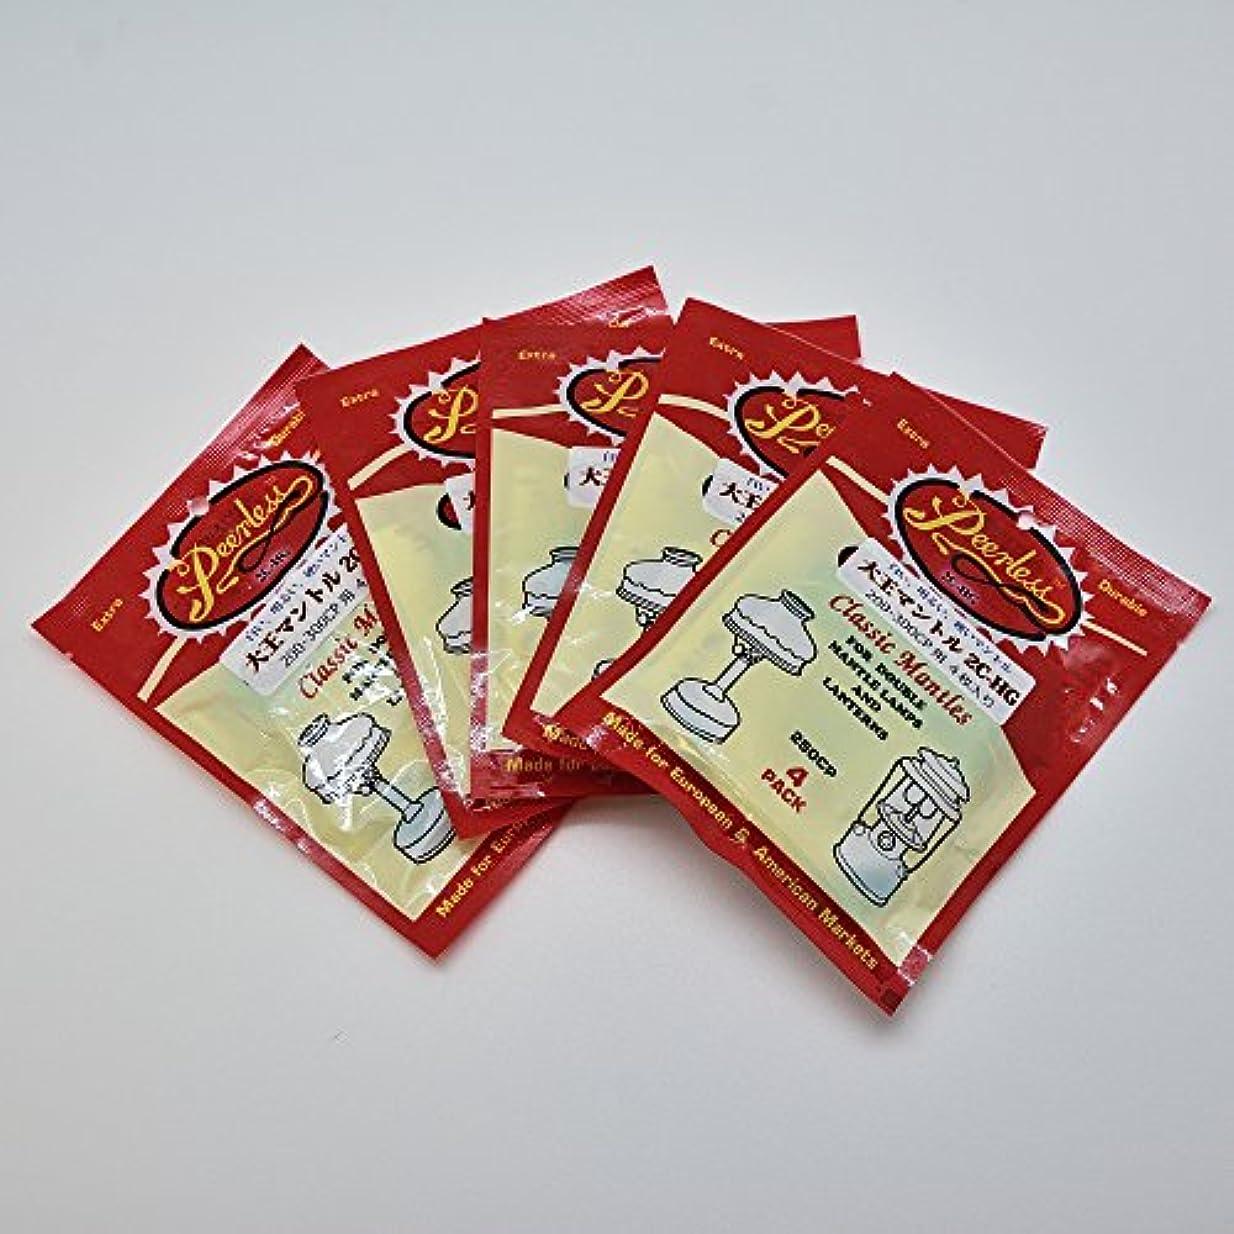 スコア下手いま大王マントル お徳用5パックセット 2C-HG 20枚 200-300CP用 赤パッケージ